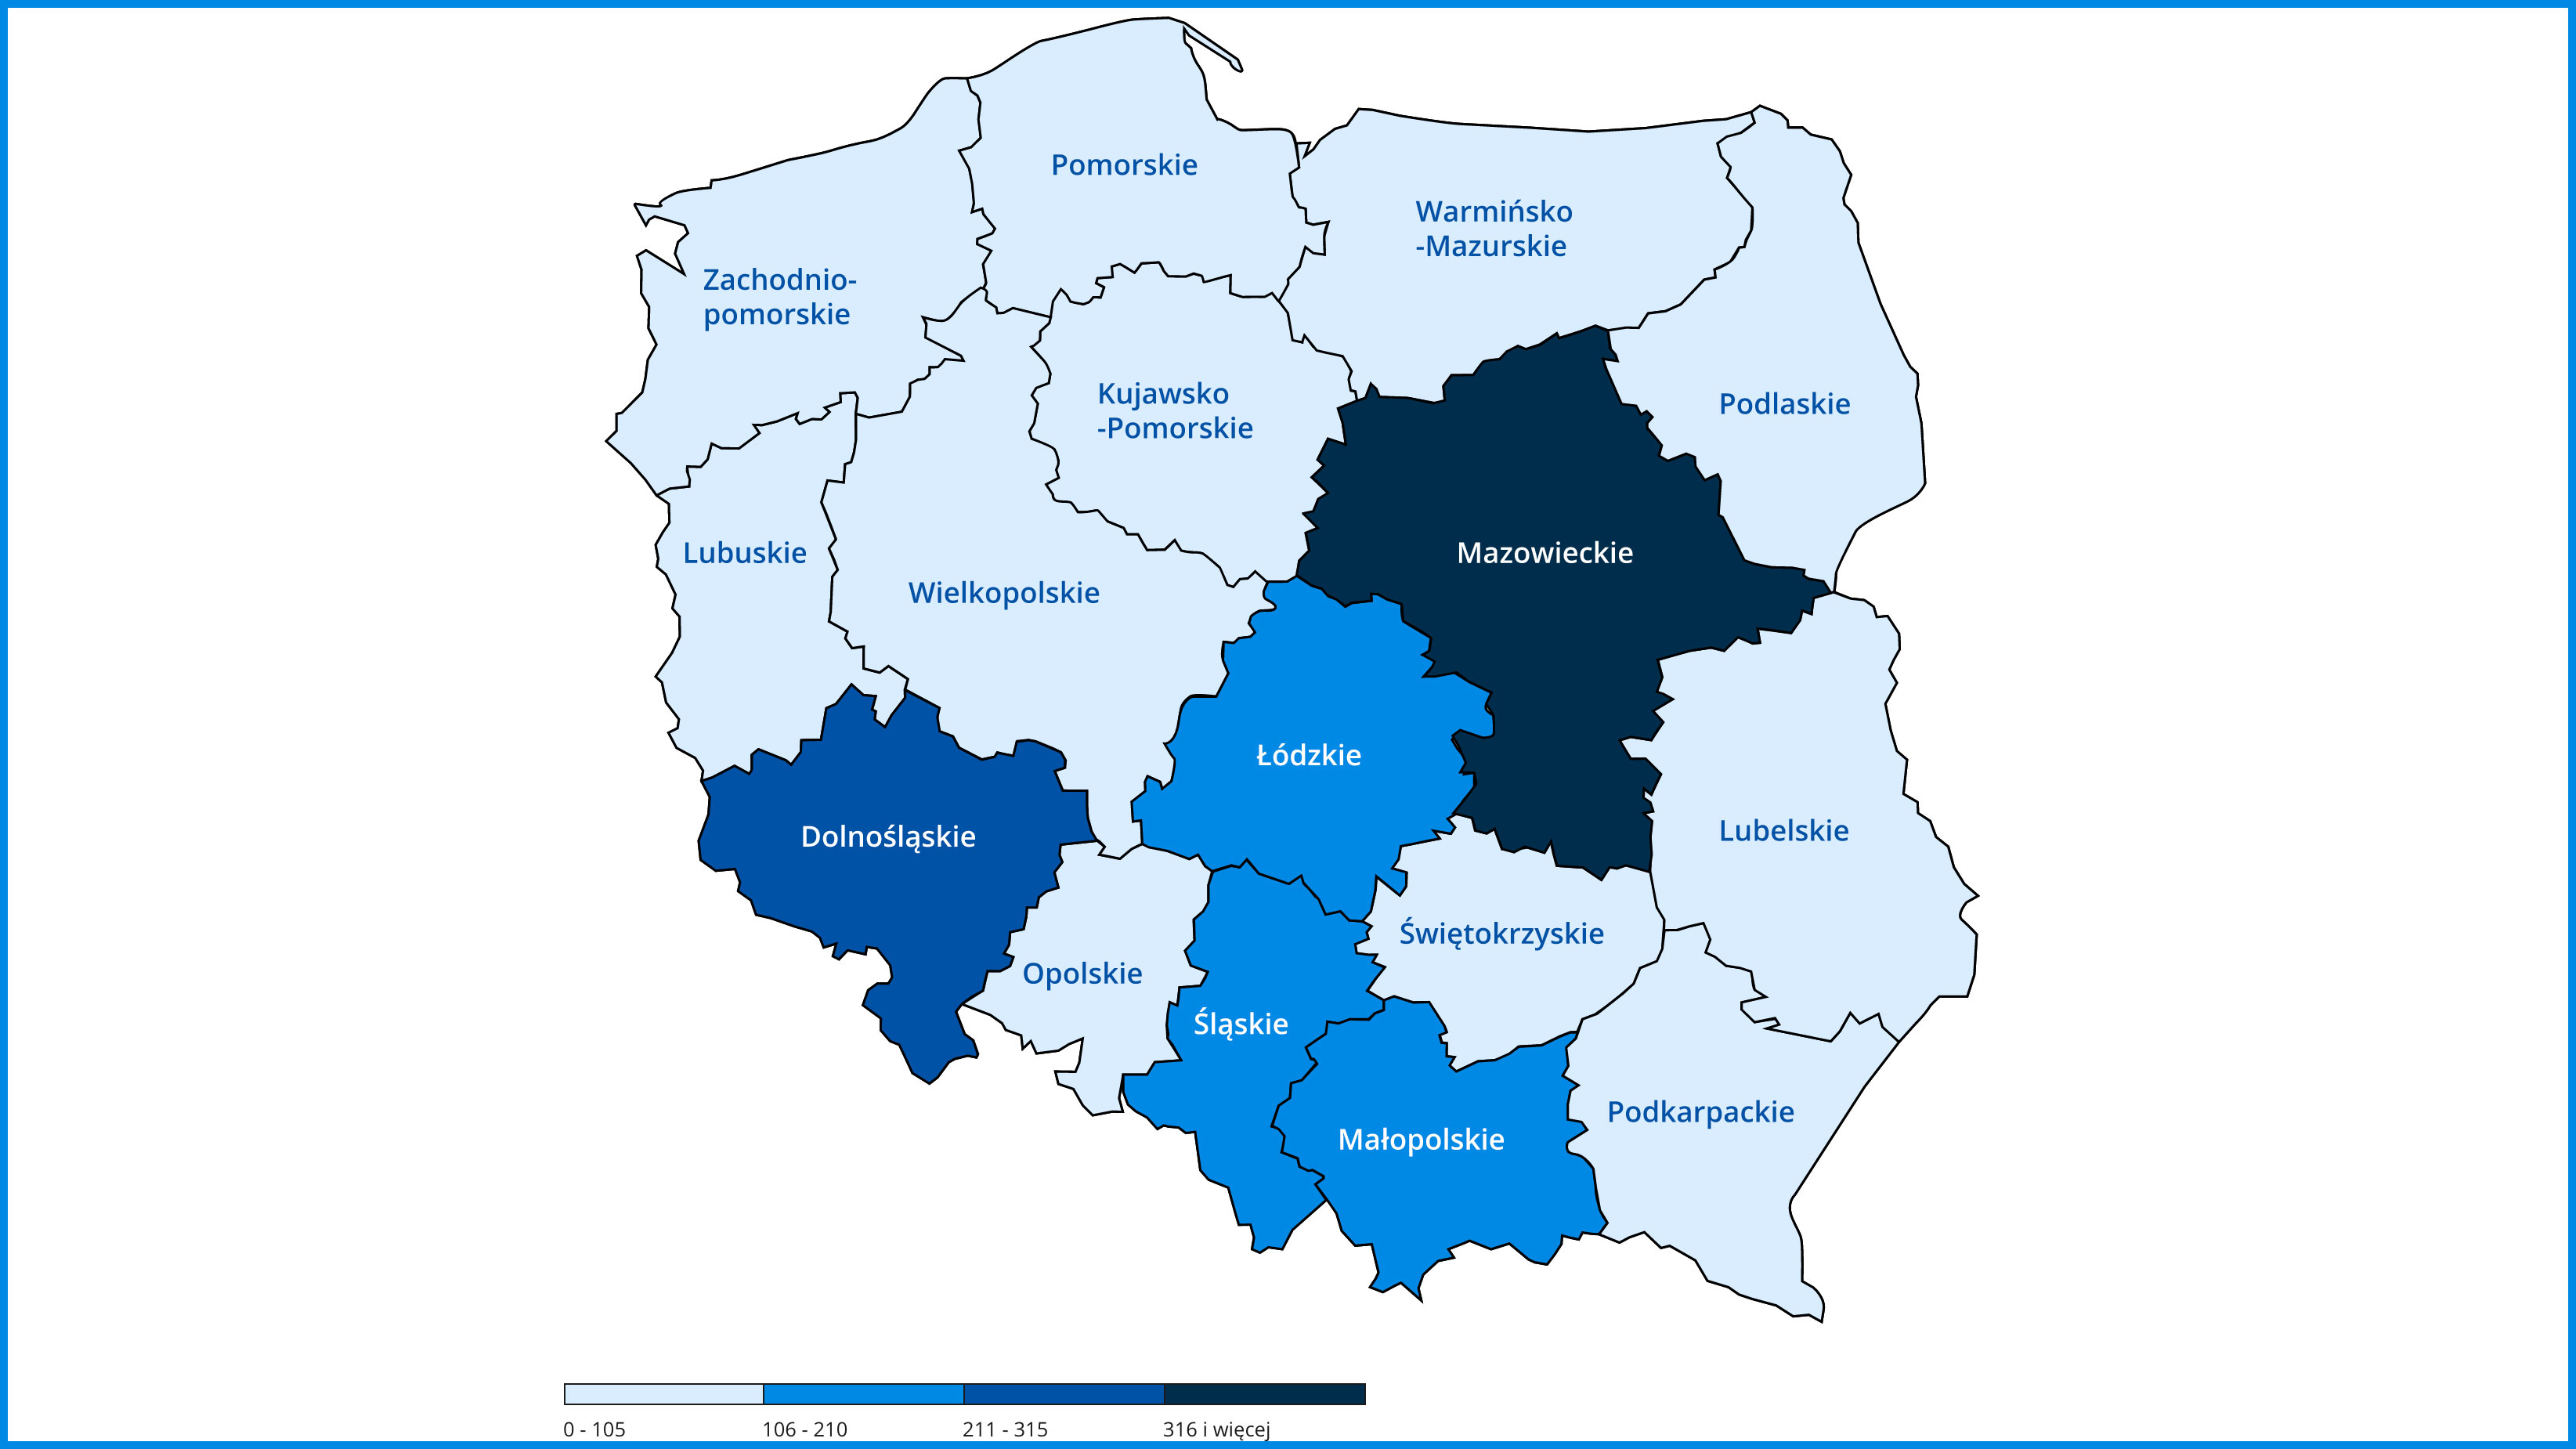 Statystyki zarażenia koronawirusem (SARS-CoV-2) w Polsce